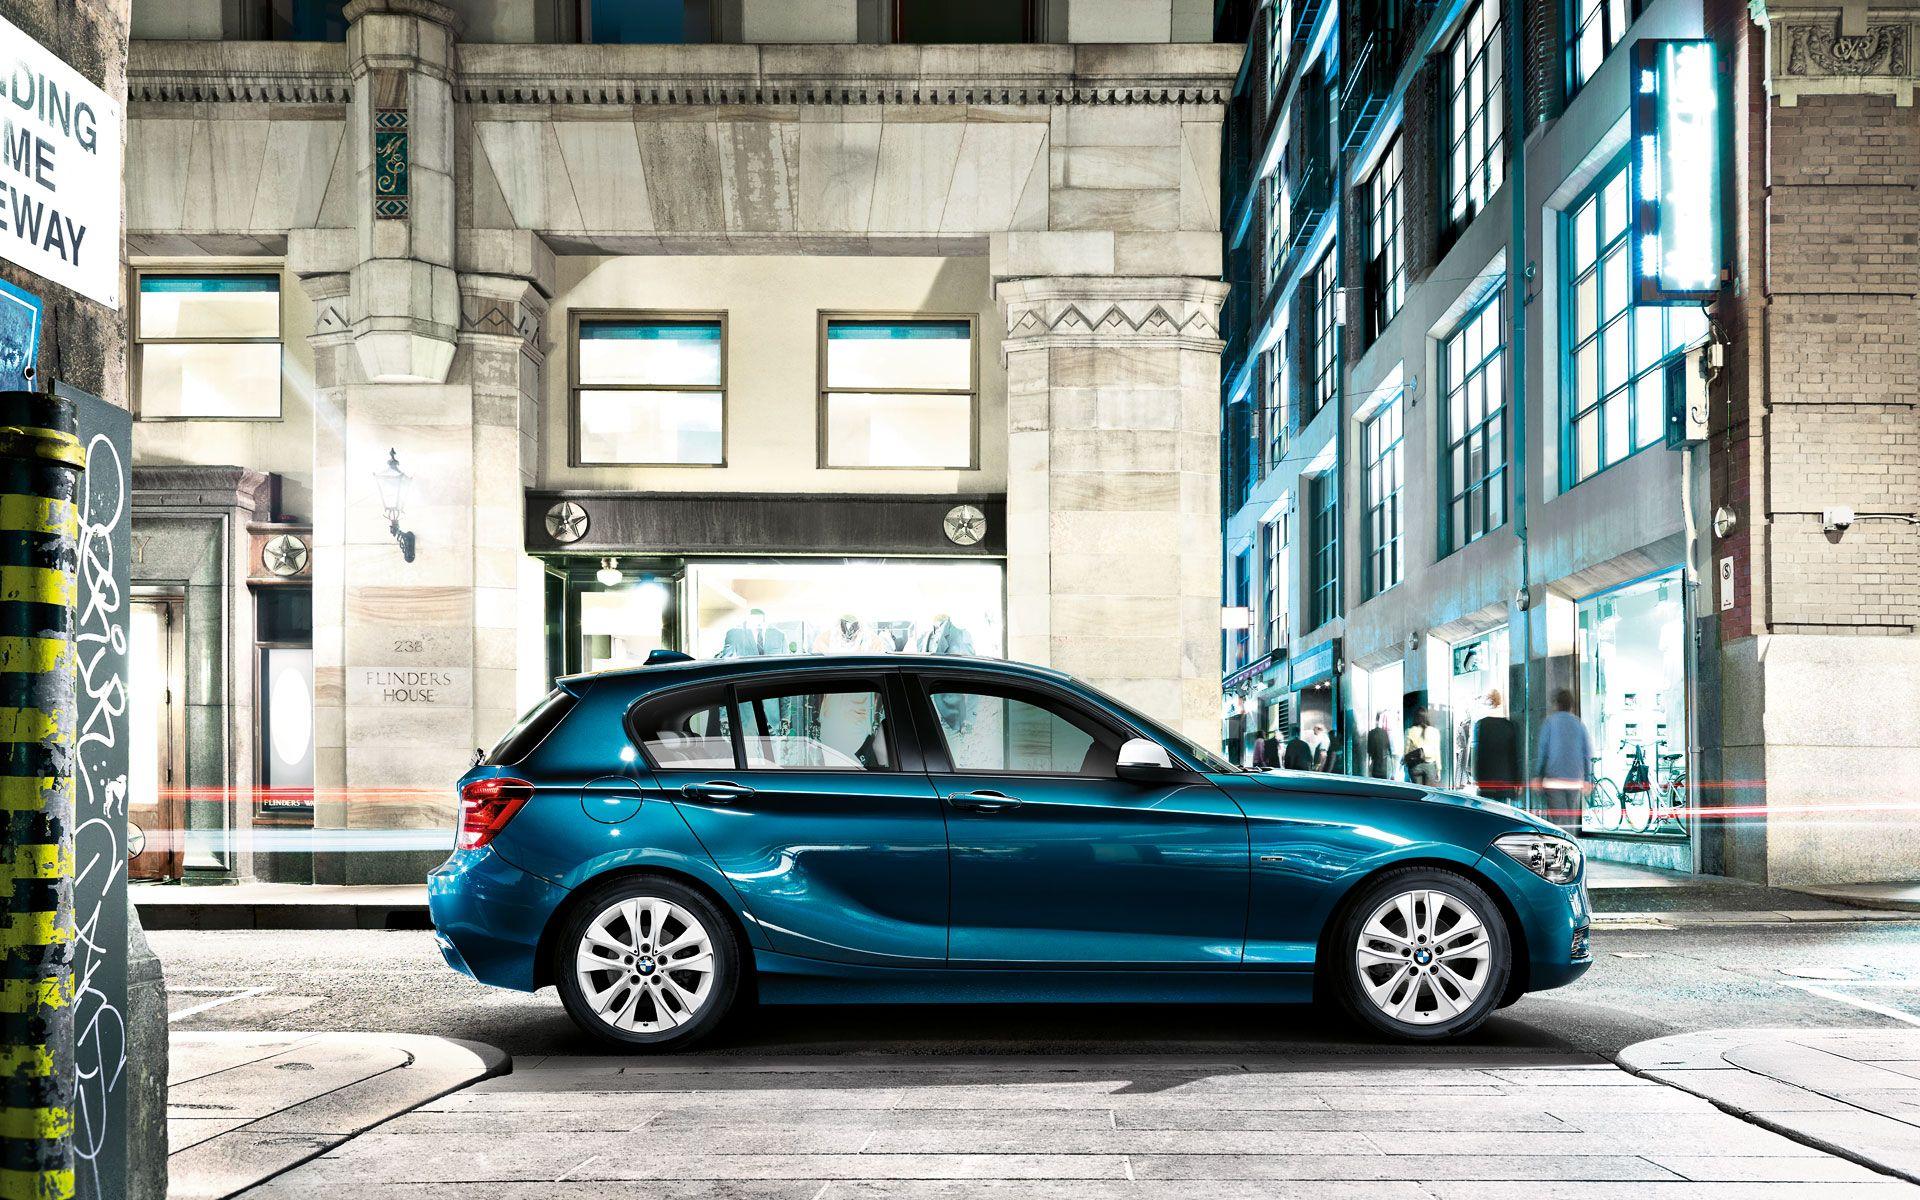 2013 Bmw 1 Series Hatchback Blue Car Wallpaper Side